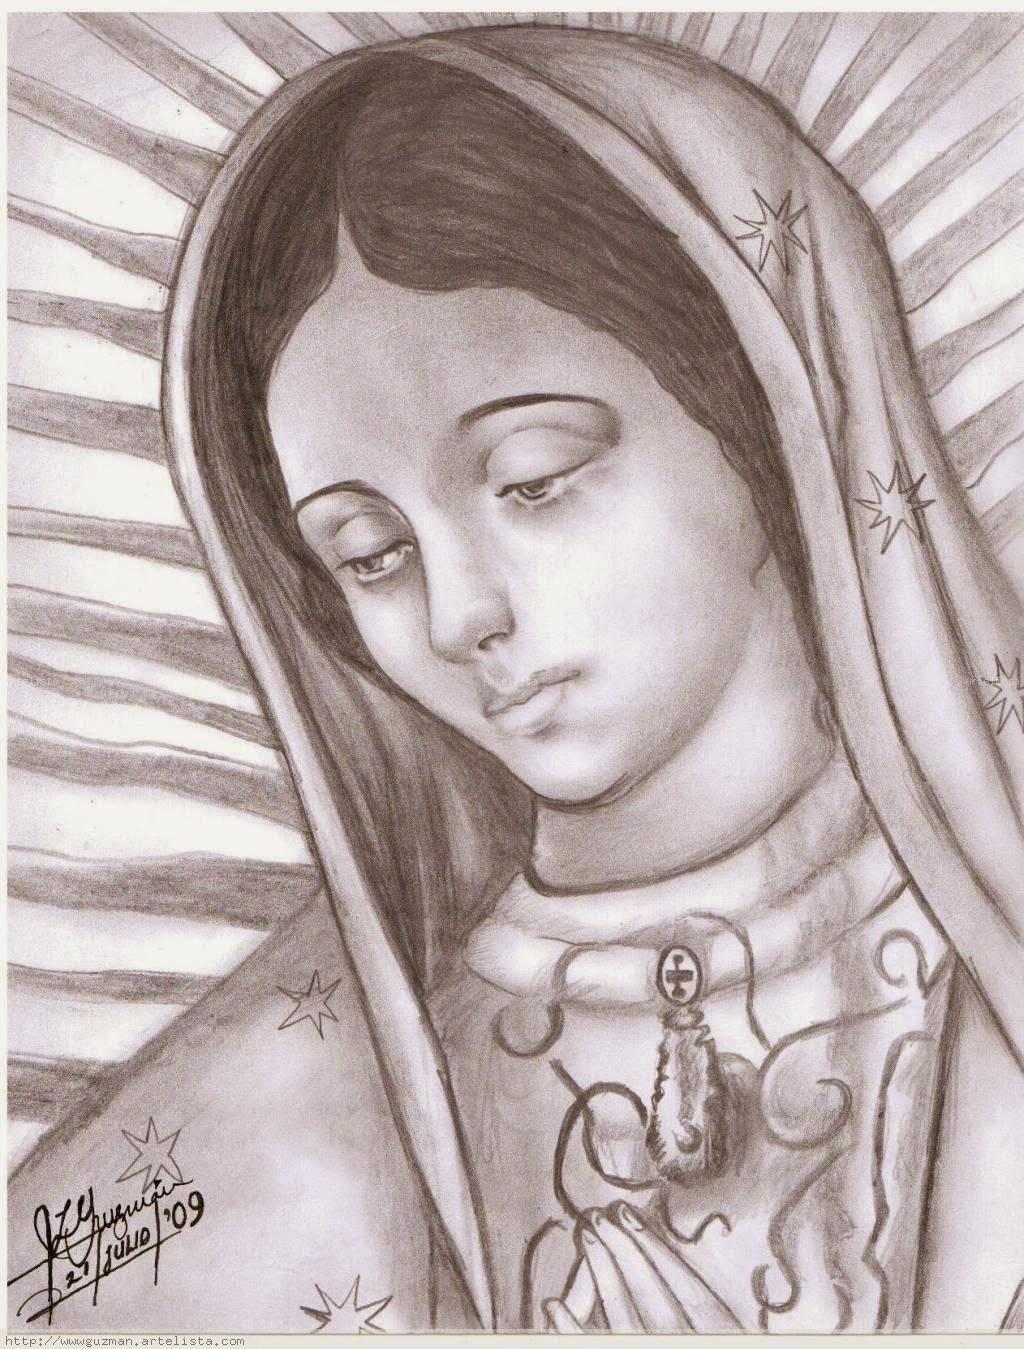 Dibujos de la virgen de guadalupe para pintar | Imagenes para portada